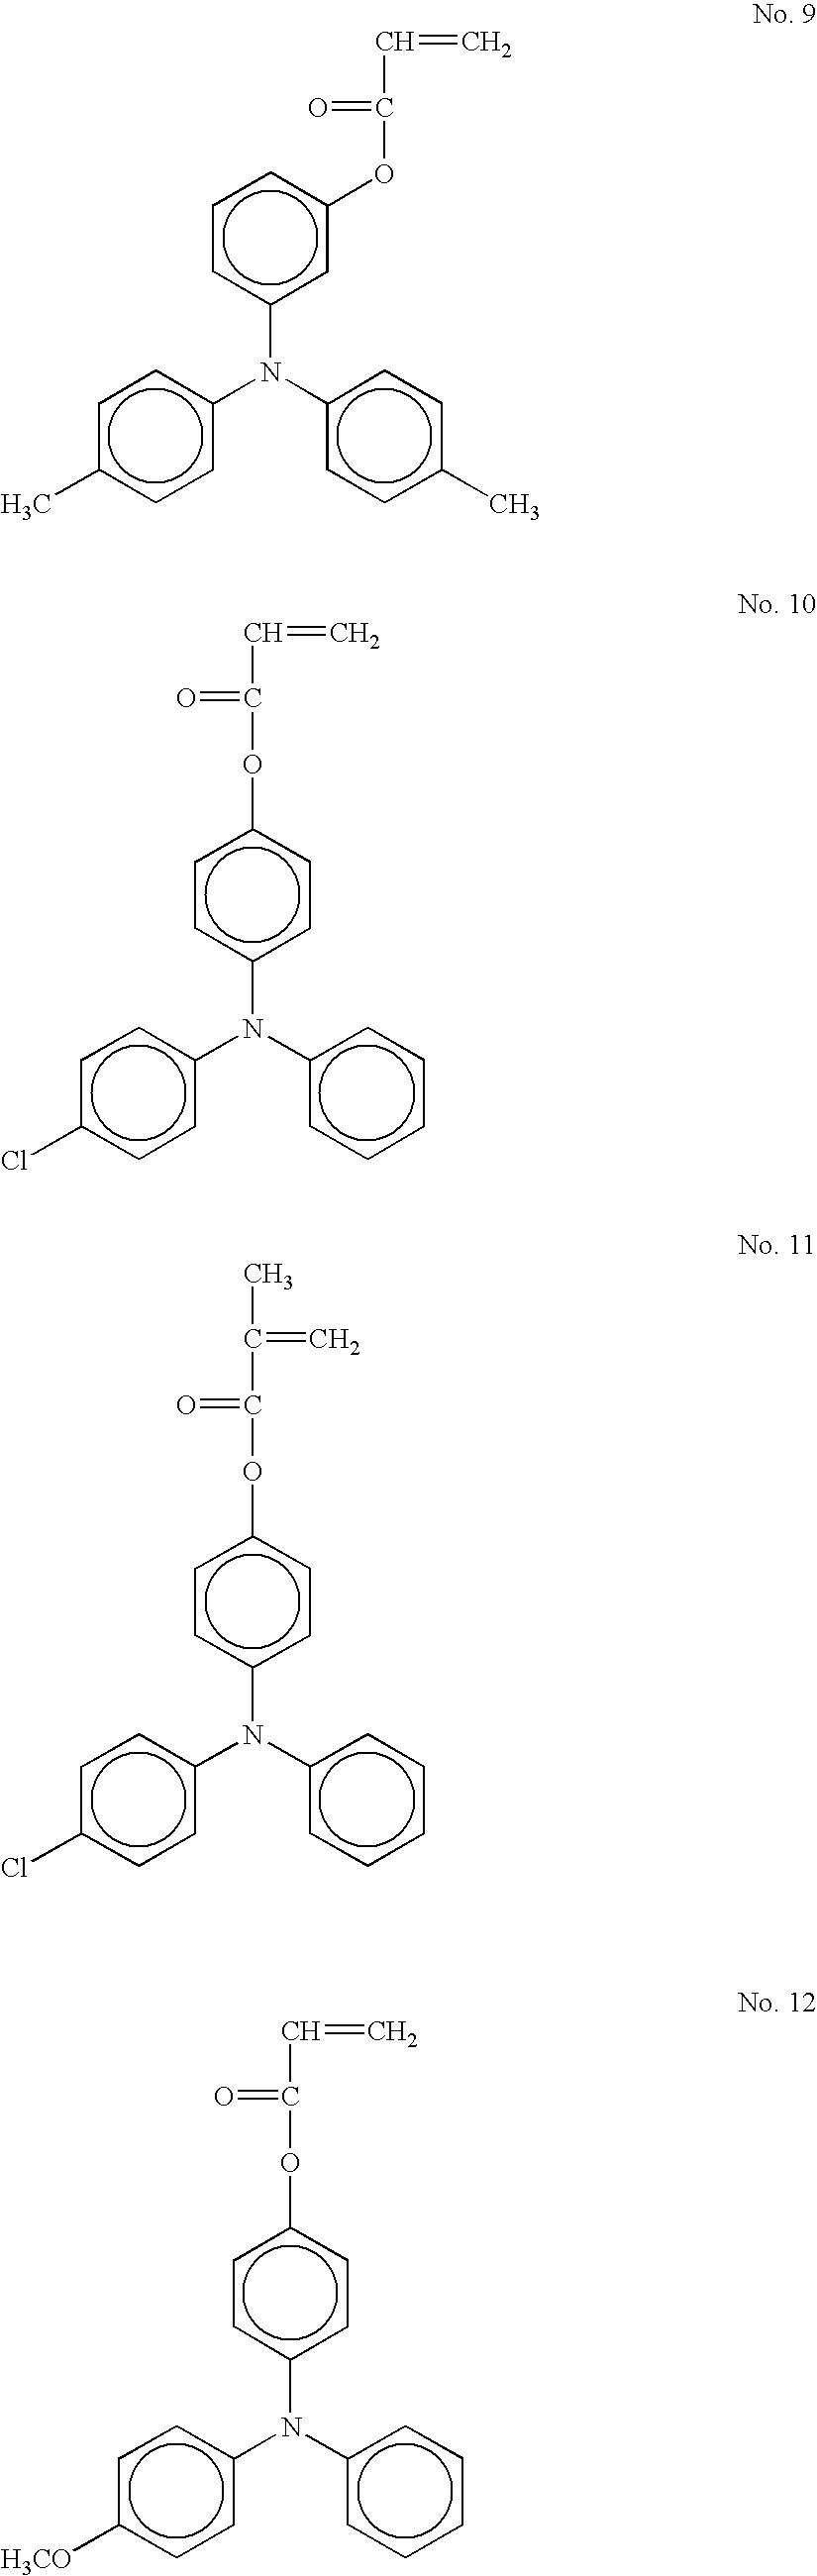 Figure US20050158641A1-20050721-C00019